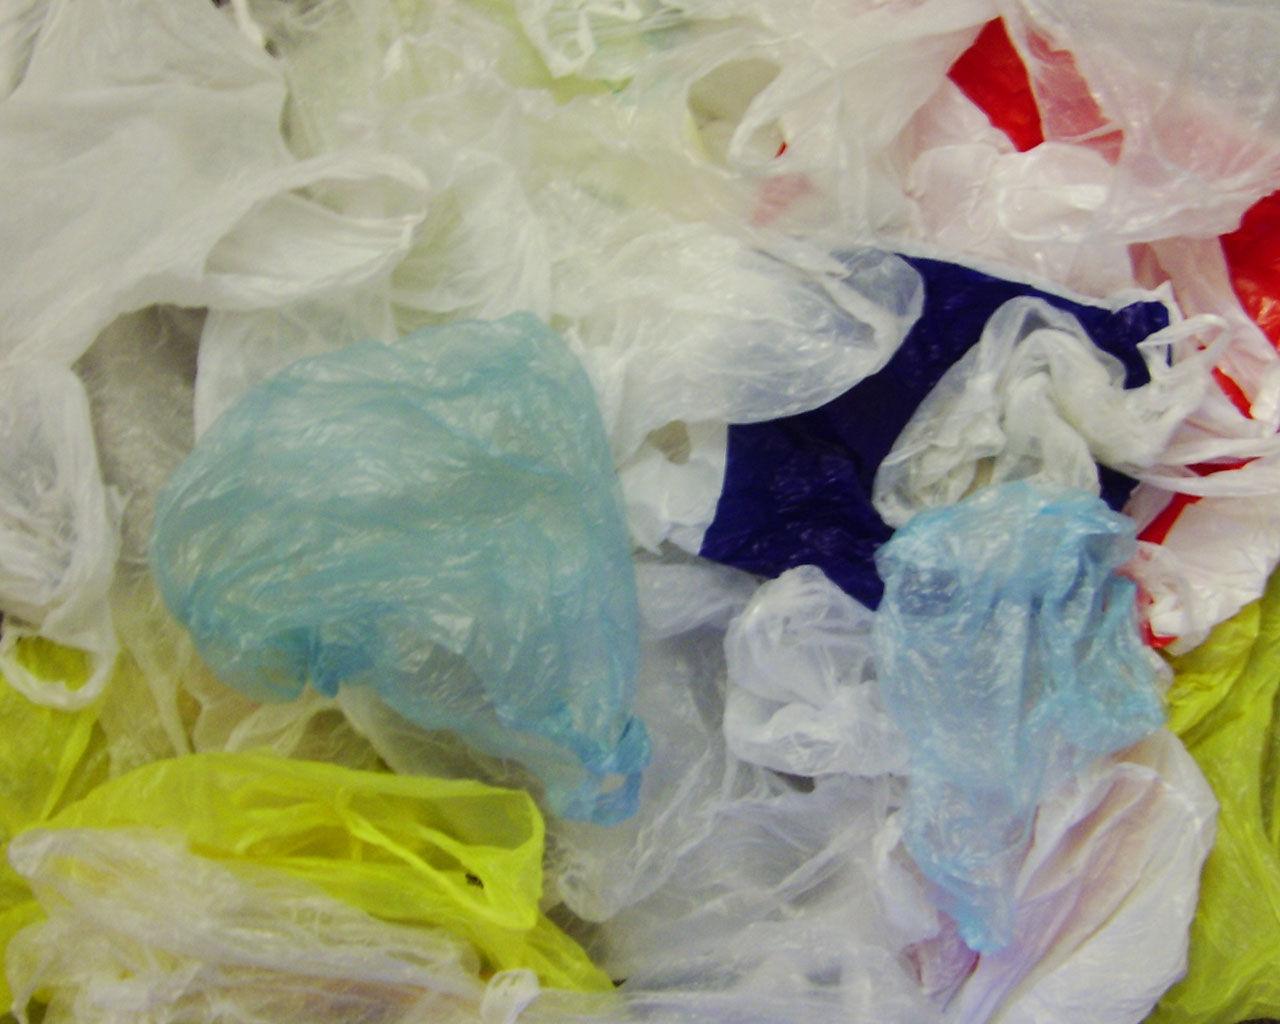 Regeringen vill ha färre plastpåsar i Sverige